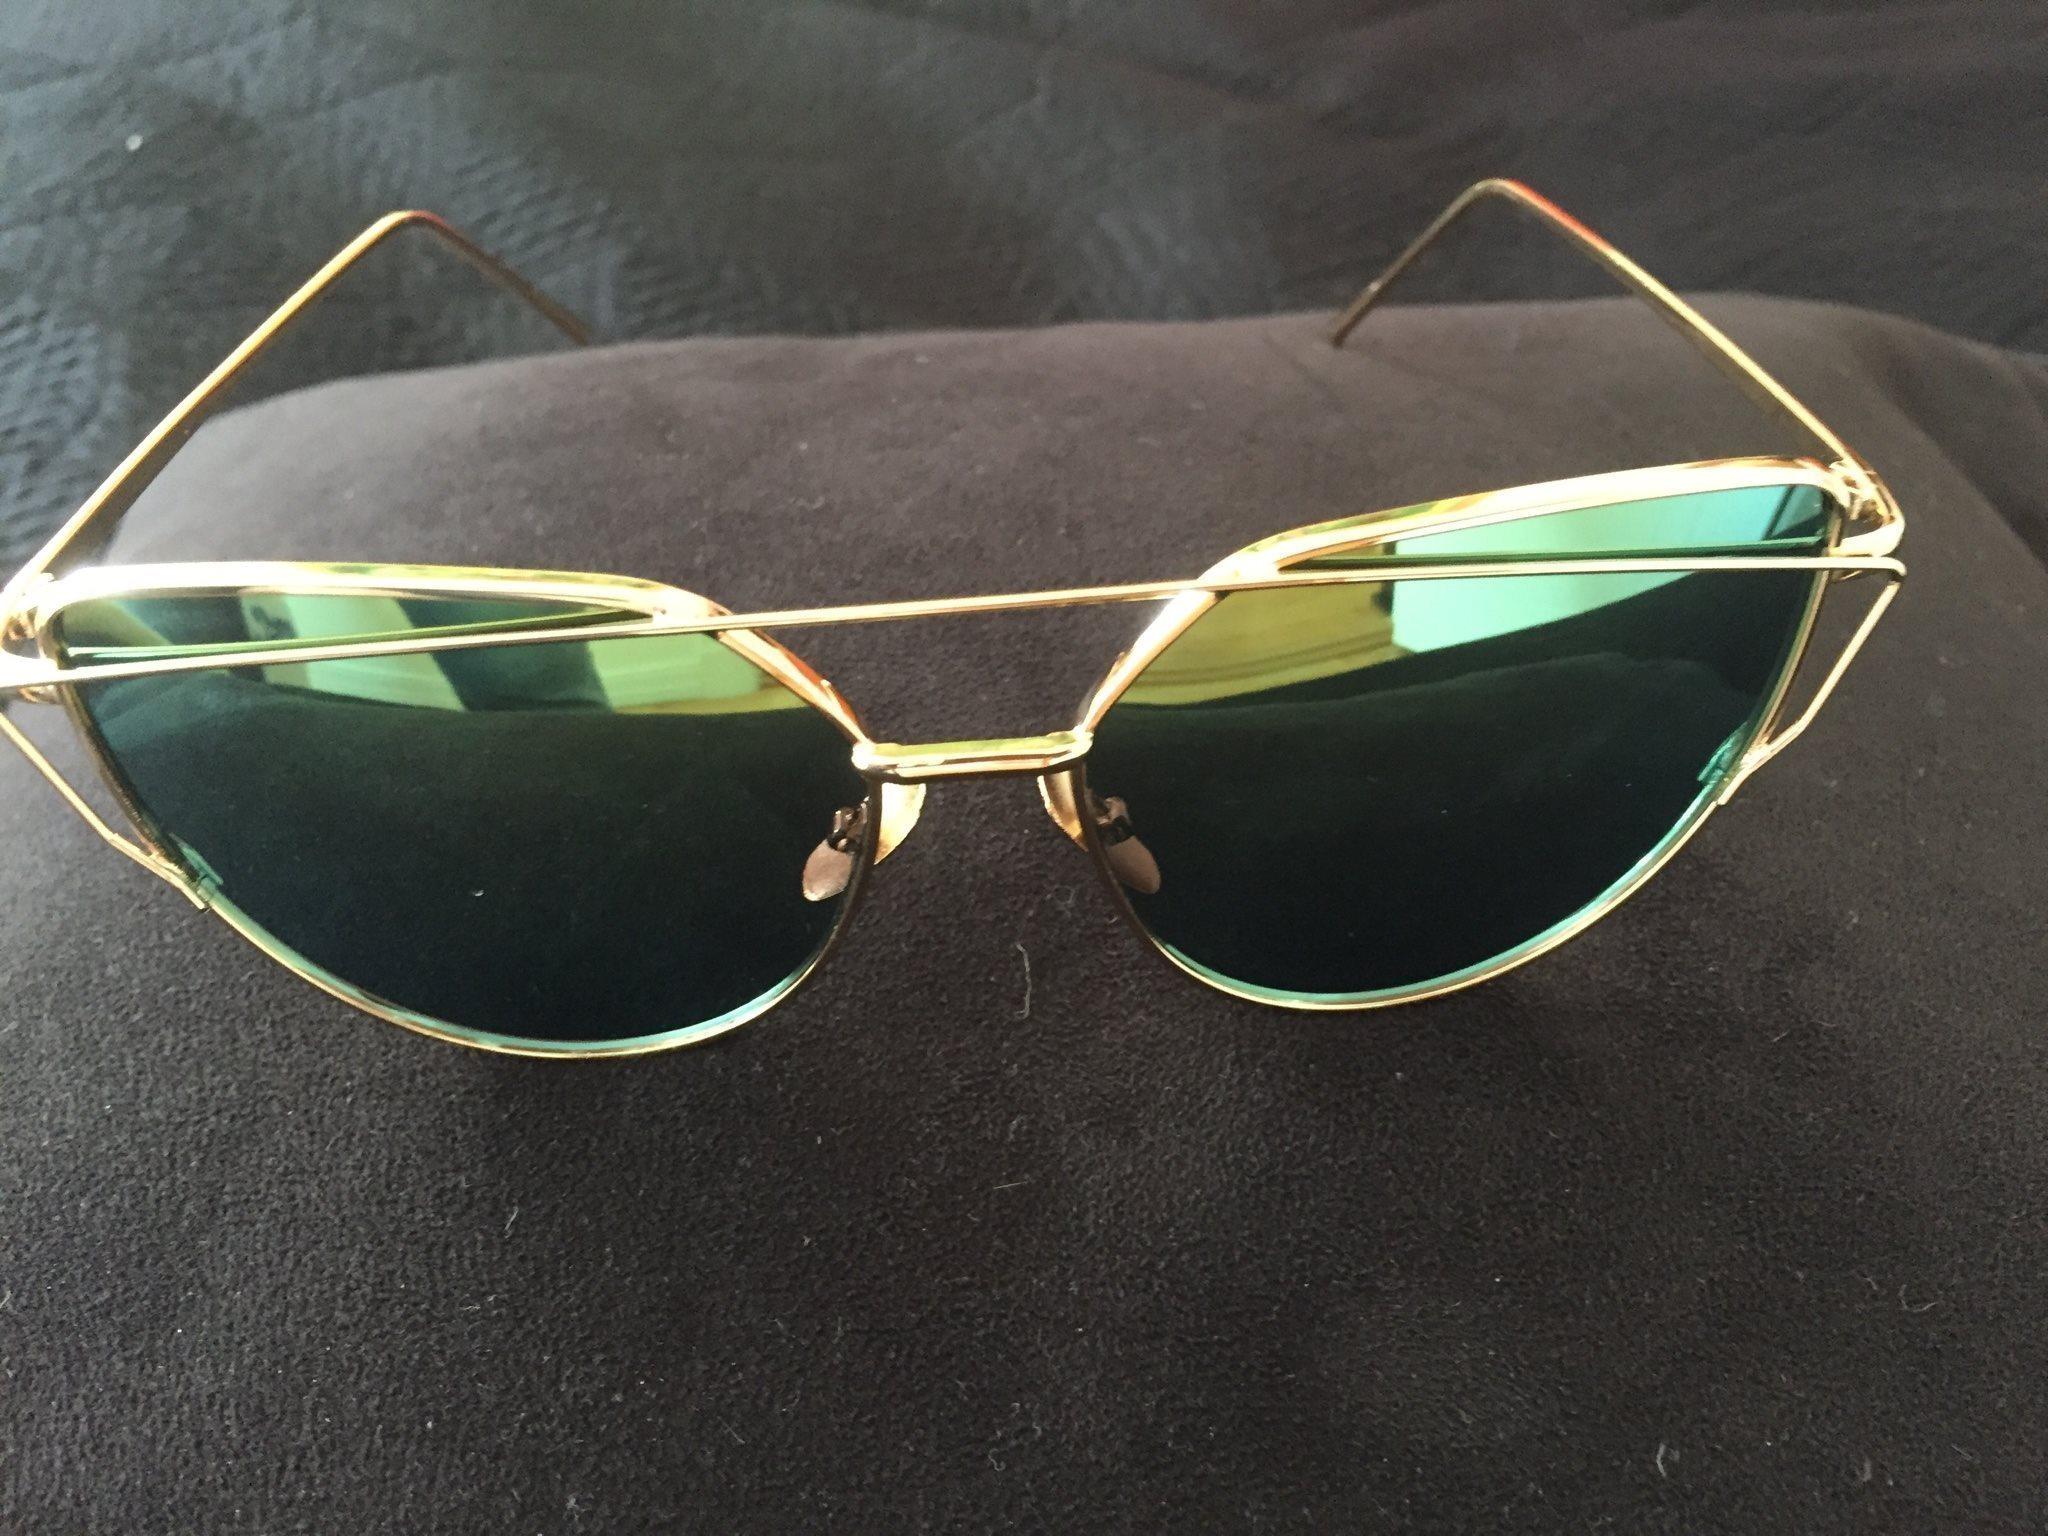 Solglasögon Pilot 22abc4c44ea10